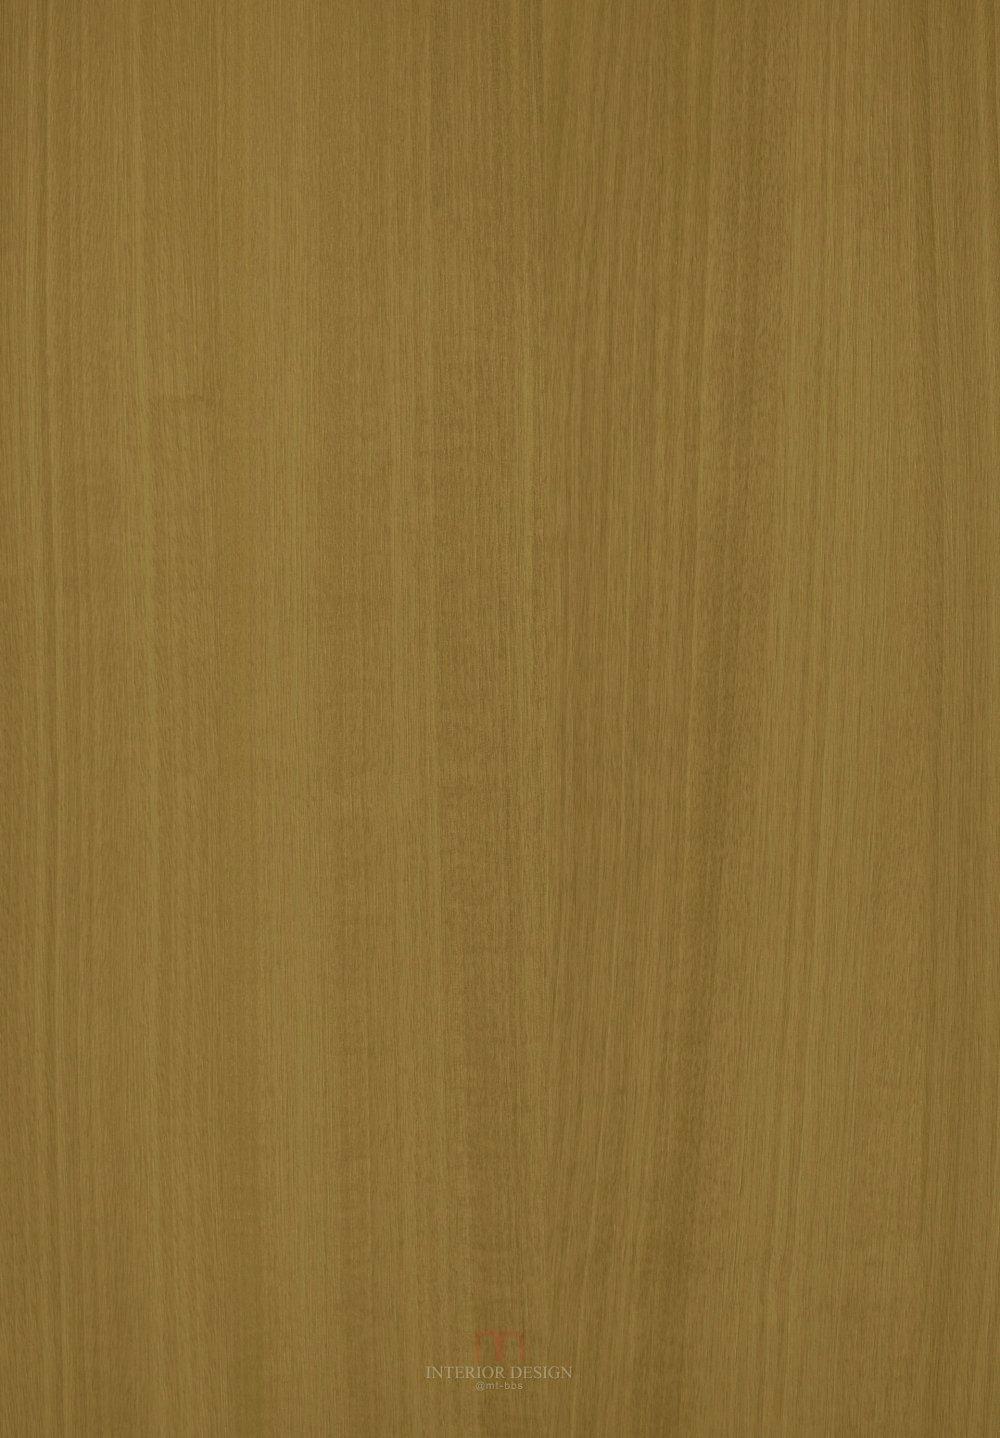 天然木纹_K6110AN_F0603.jpg